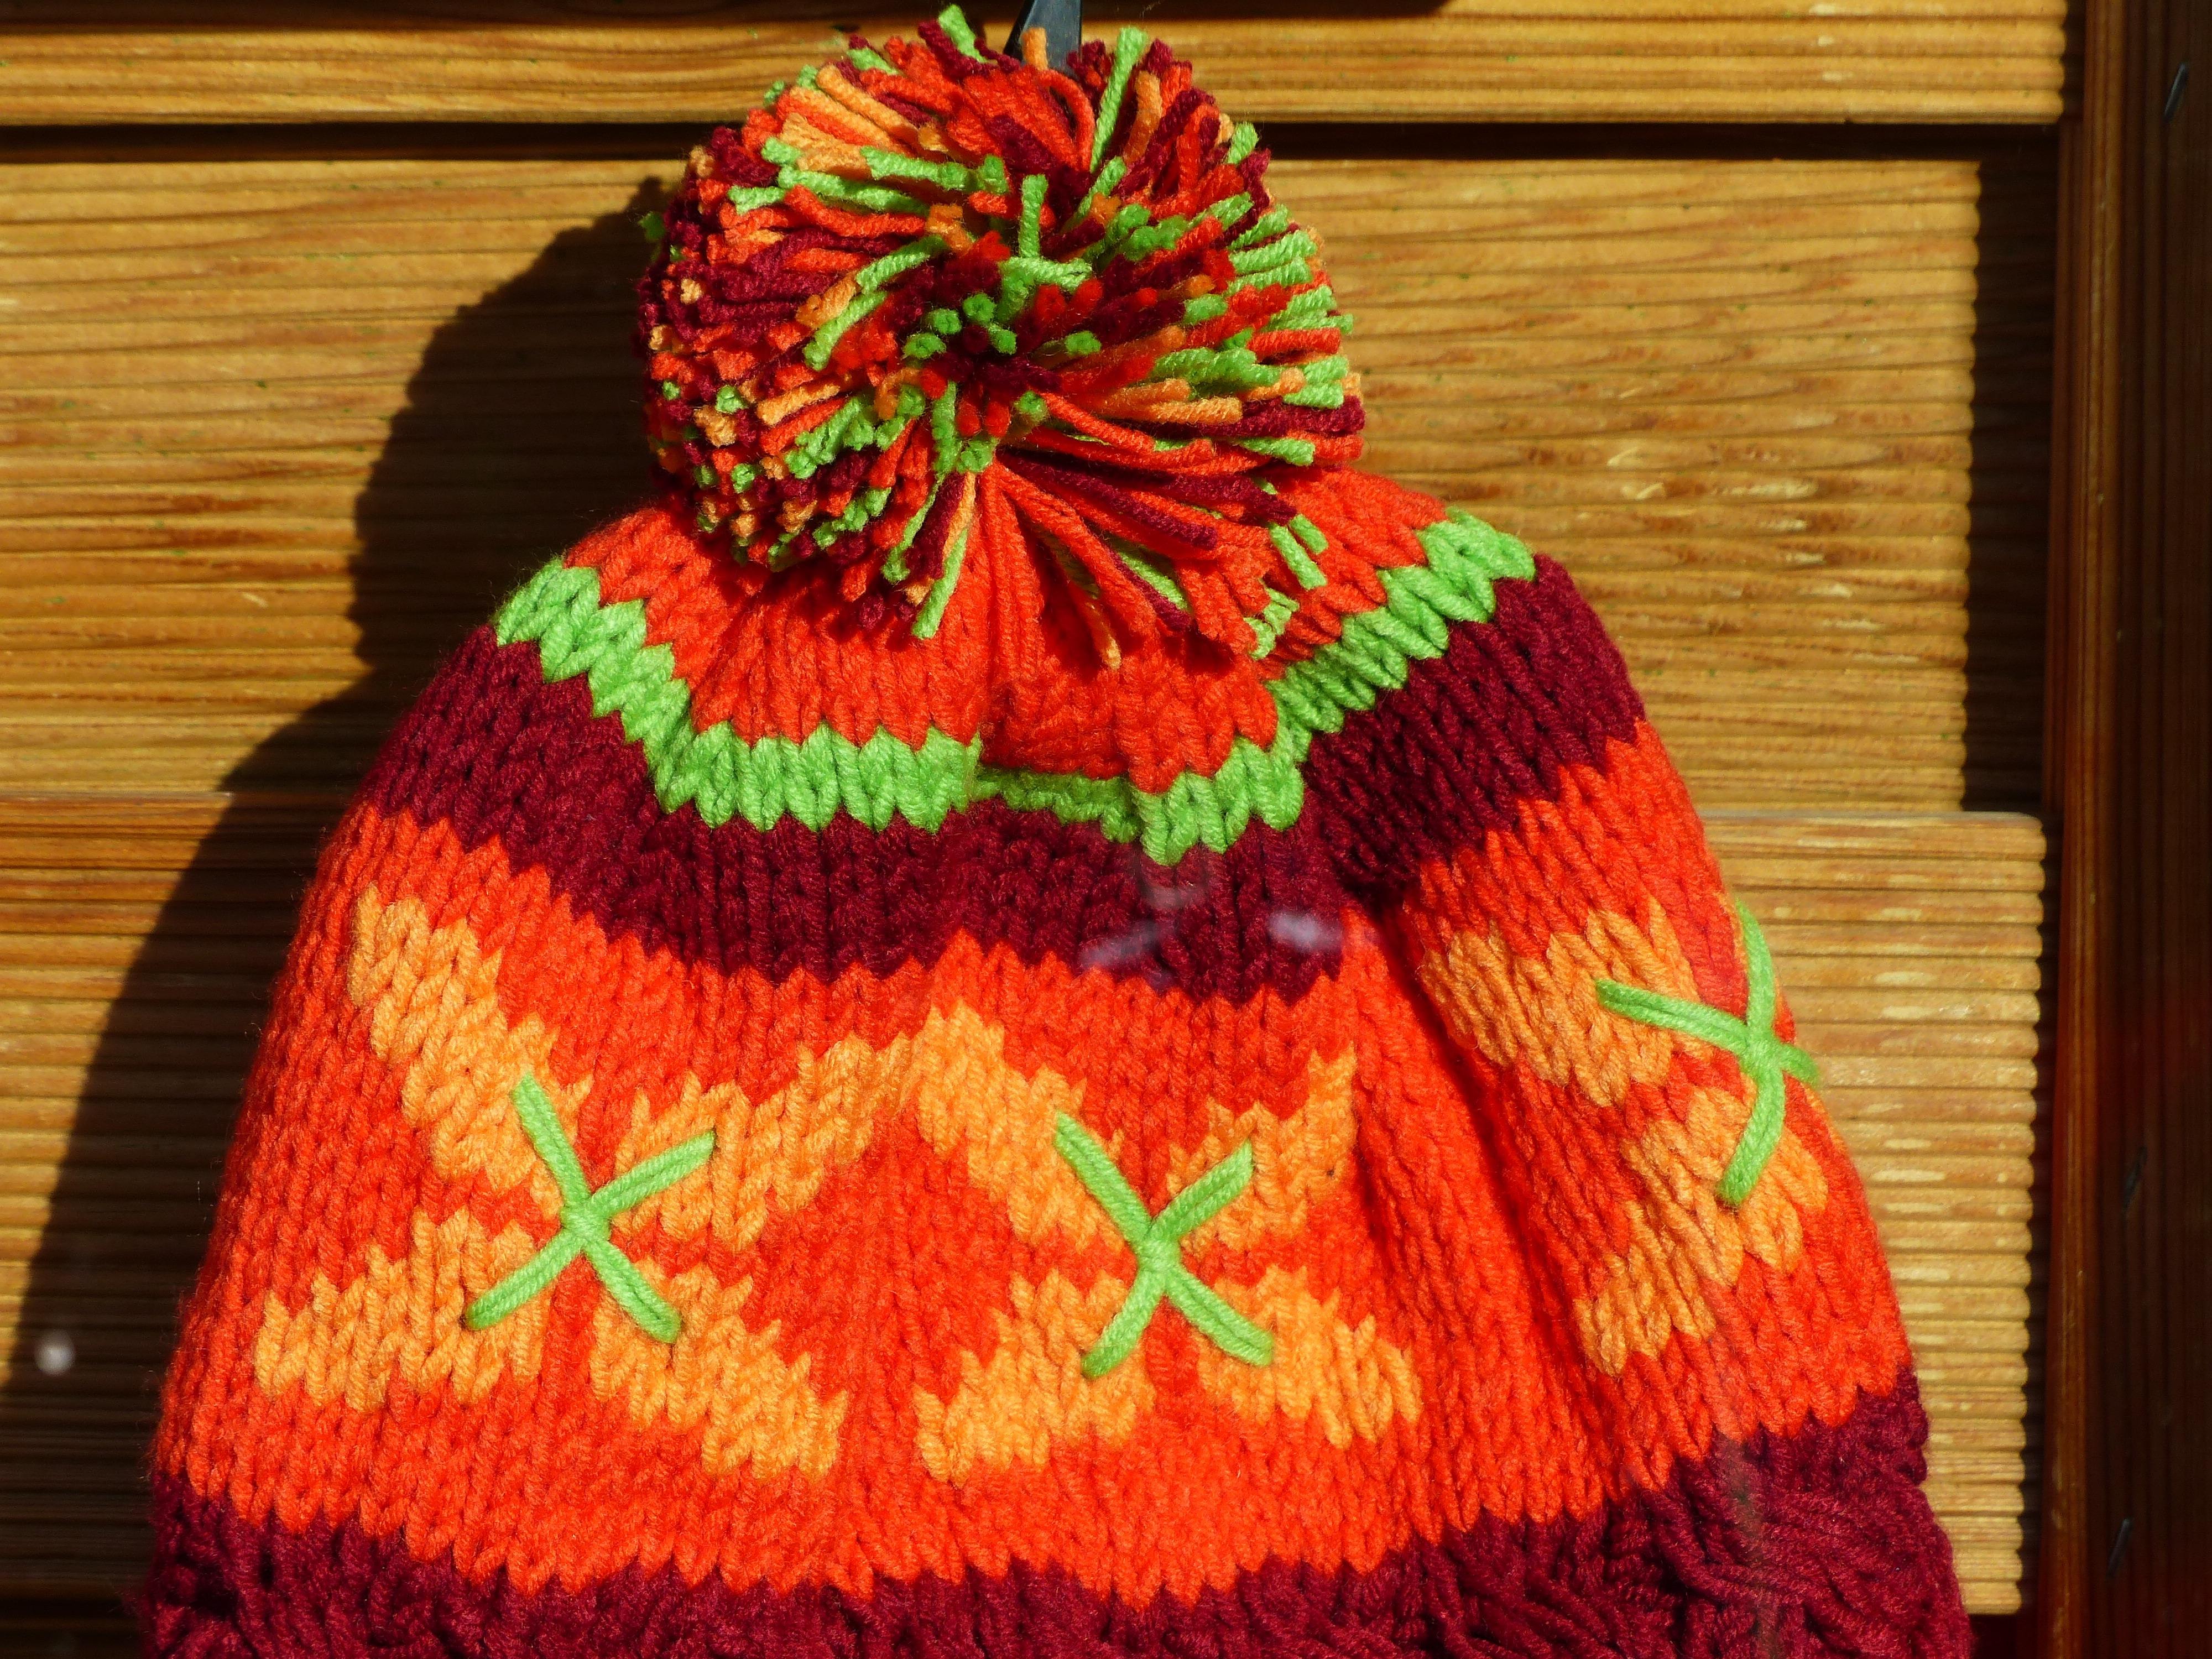 Kostenlose foto : warm, Orange, Muster, rot, Kleidung, bunt, Wolle ...